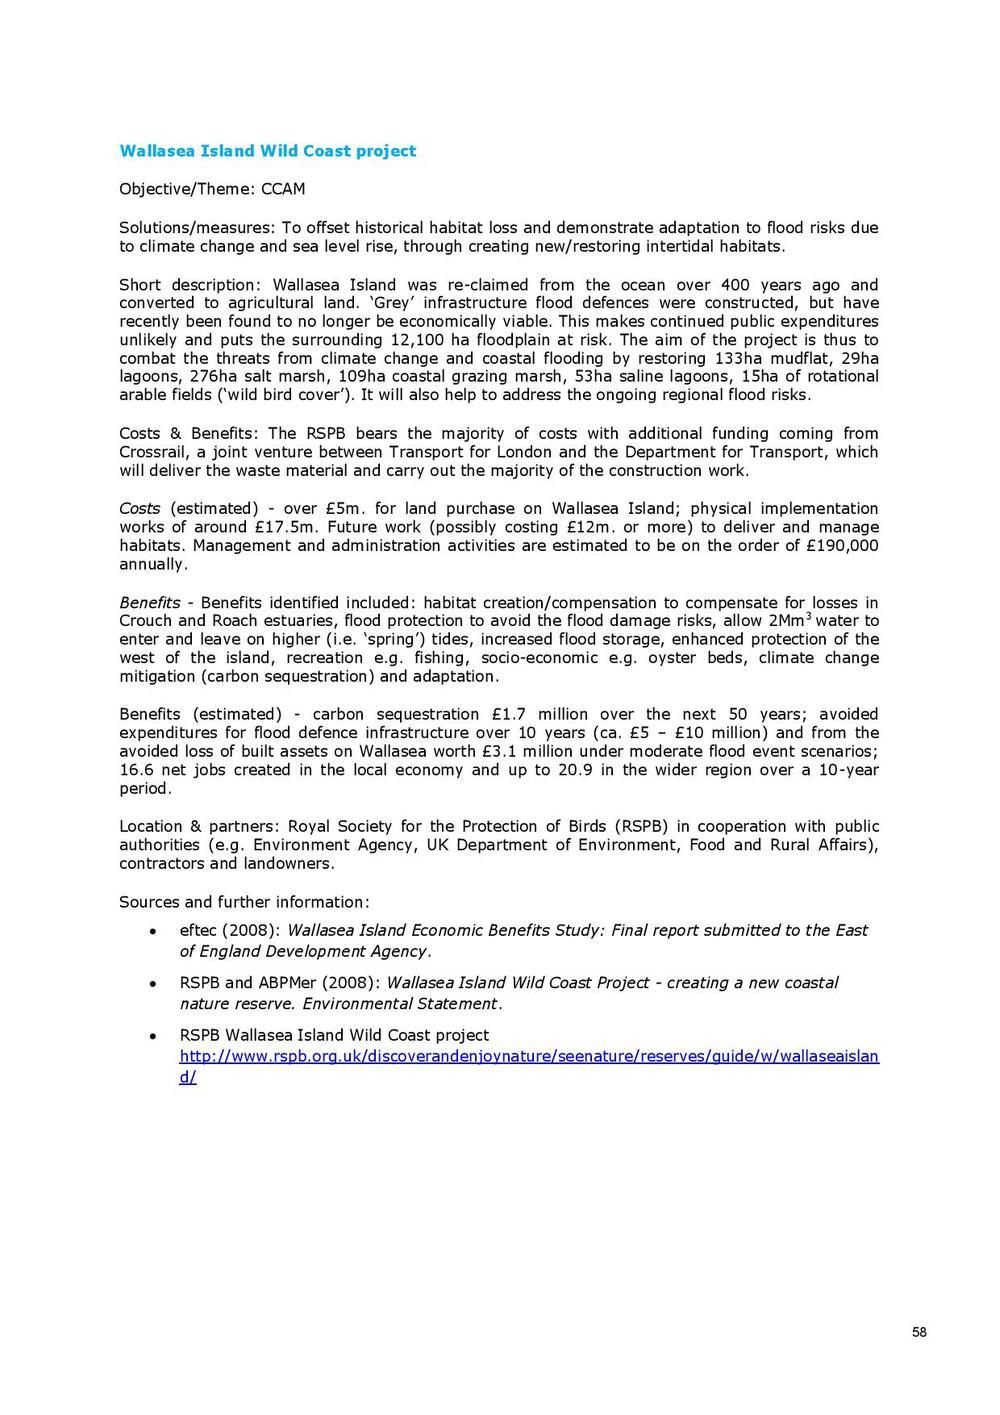 DG RTD_WEB-Publication A4_NBS_long_version_20150310-page-060.jpg